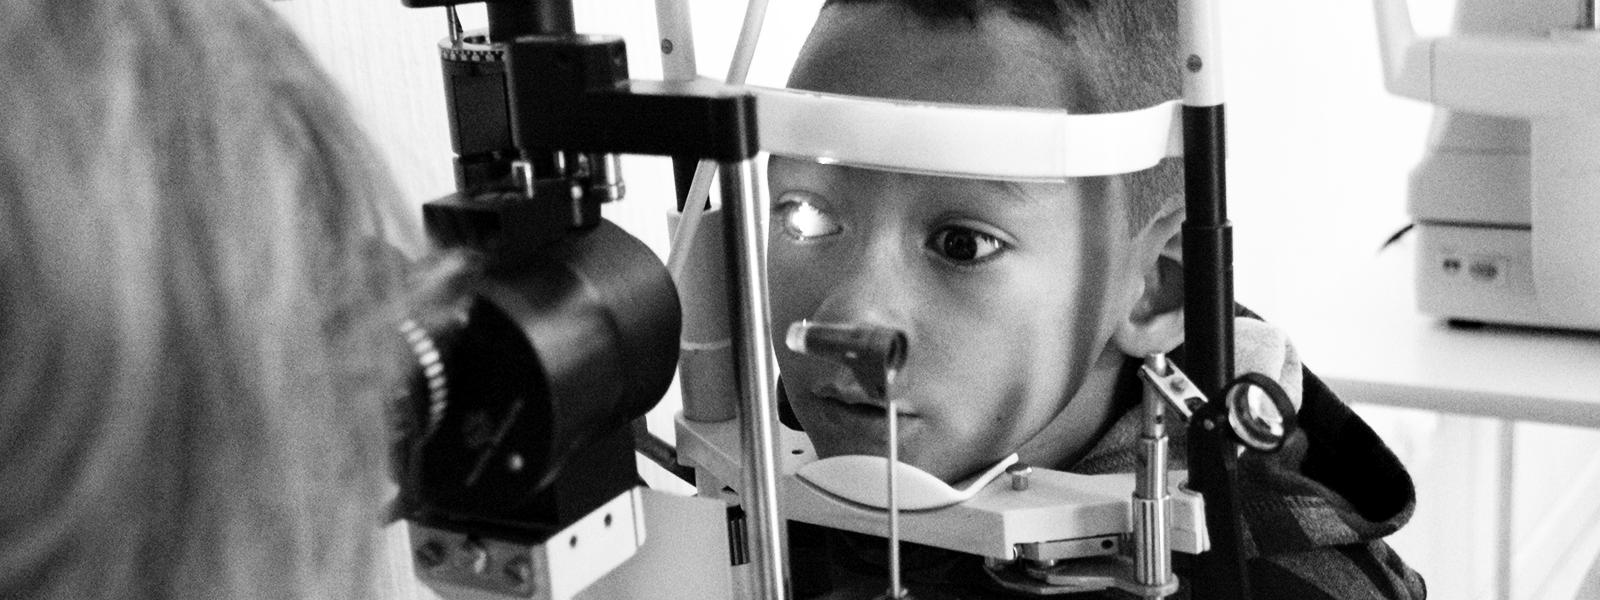 DESCRIÇÃO DE IMAGEM: Foto em preto e branco com destaque para menino de cerca de 10 anos sendo examinado por uma mulher de cabelo claro. Ele apoia o queixo em um aparelho oftalmológico enquanto seu olho direito está iluminado.